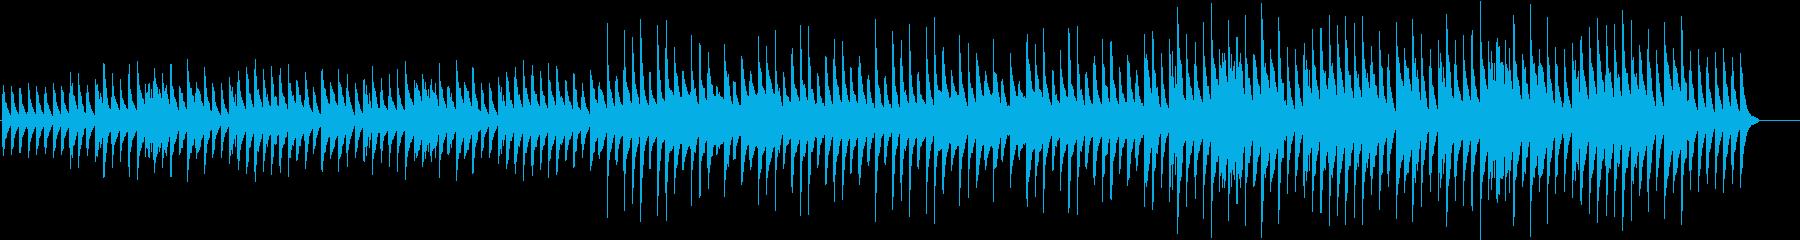 悲劇の後をイメージしたピアノソロ曲の再生済みの波形